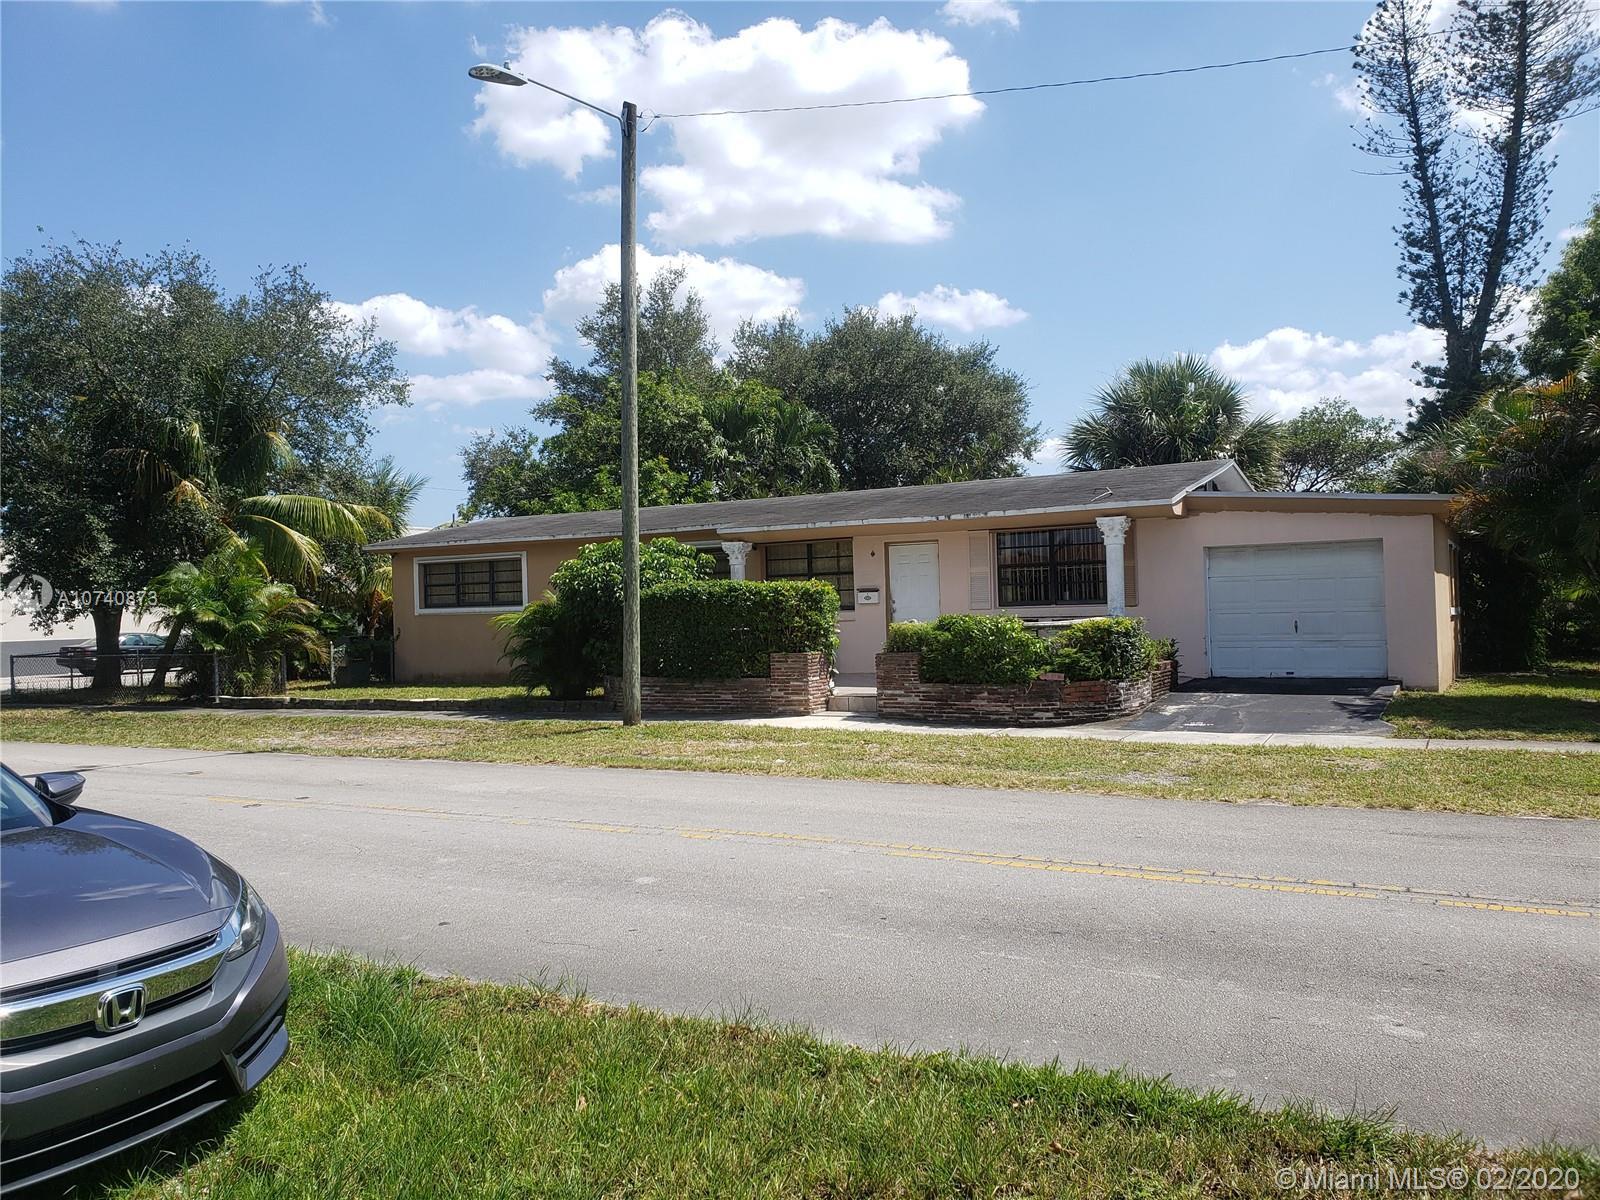 490 NE 168th Ter, North Miami Beach, FL 33162 - North Miami Beach, FL real estate listing